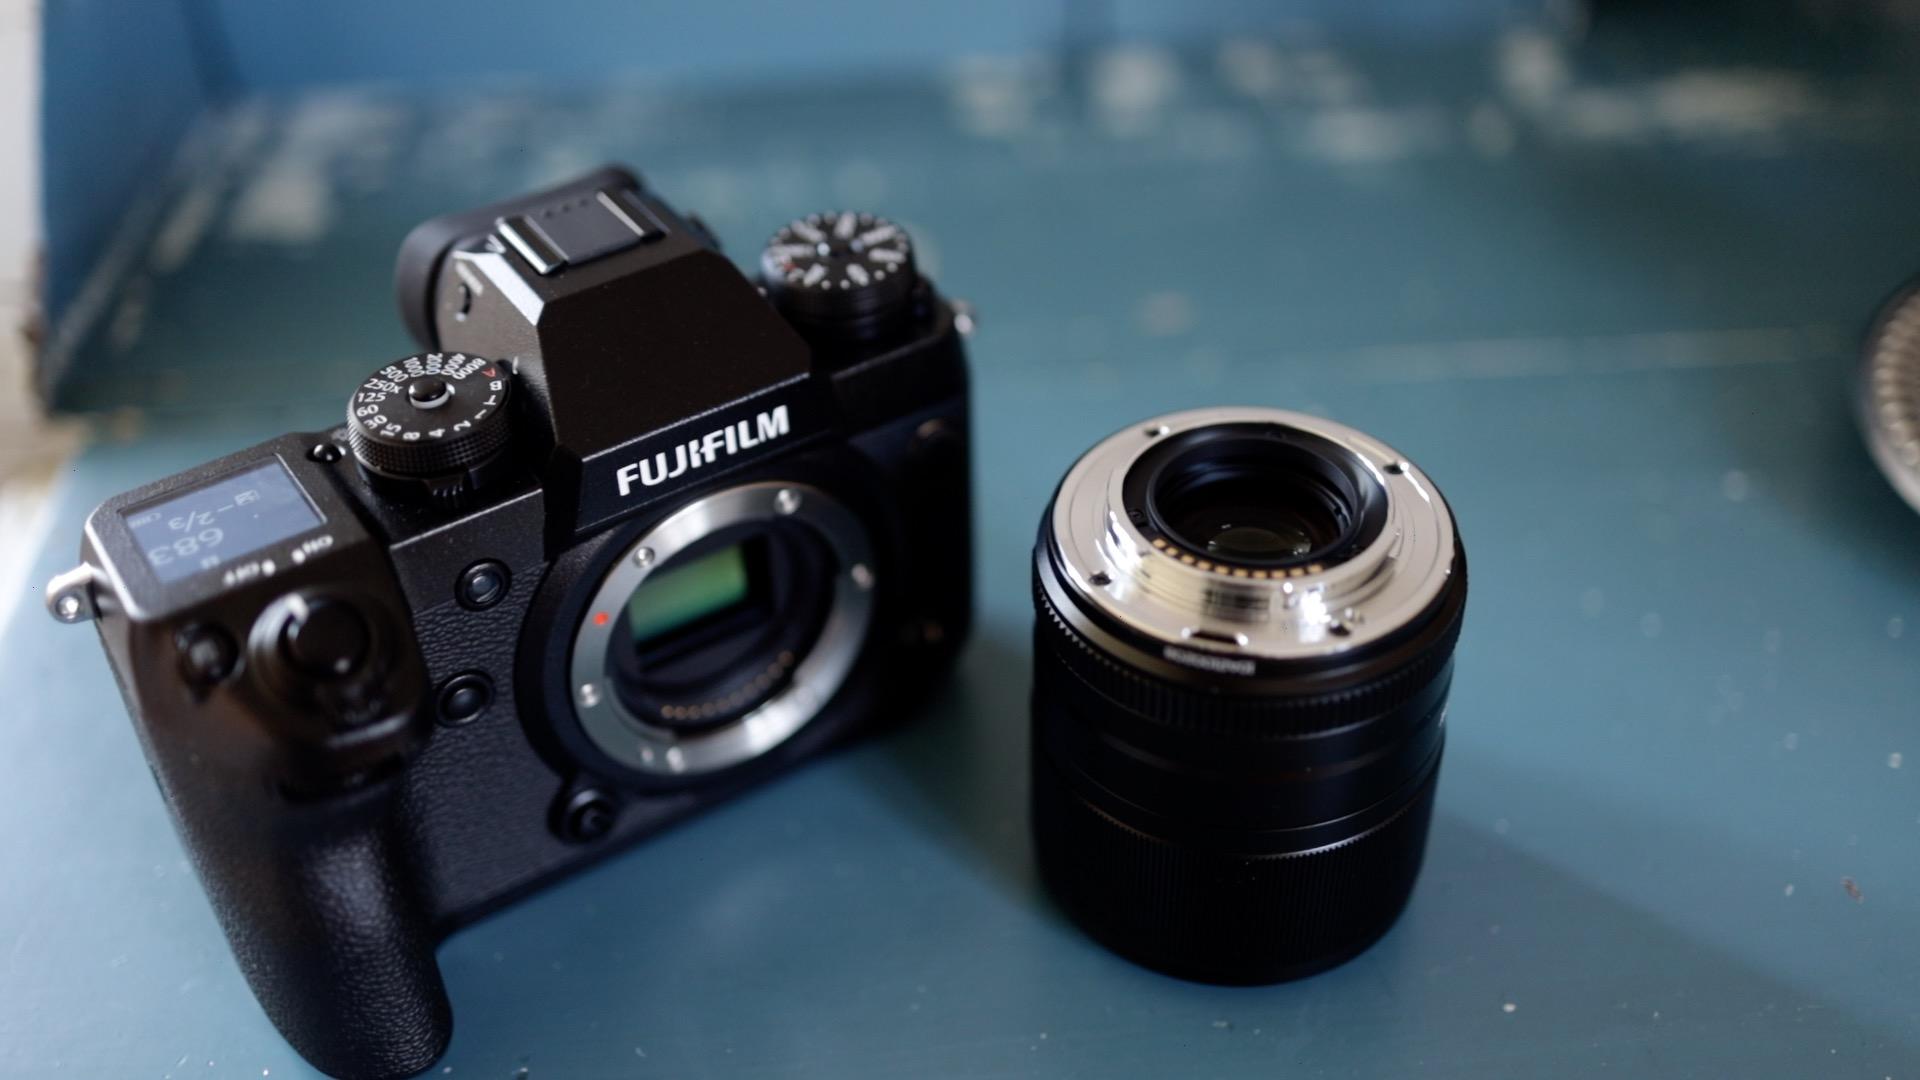 Viltrox 33mm f1.4 Fuji Review